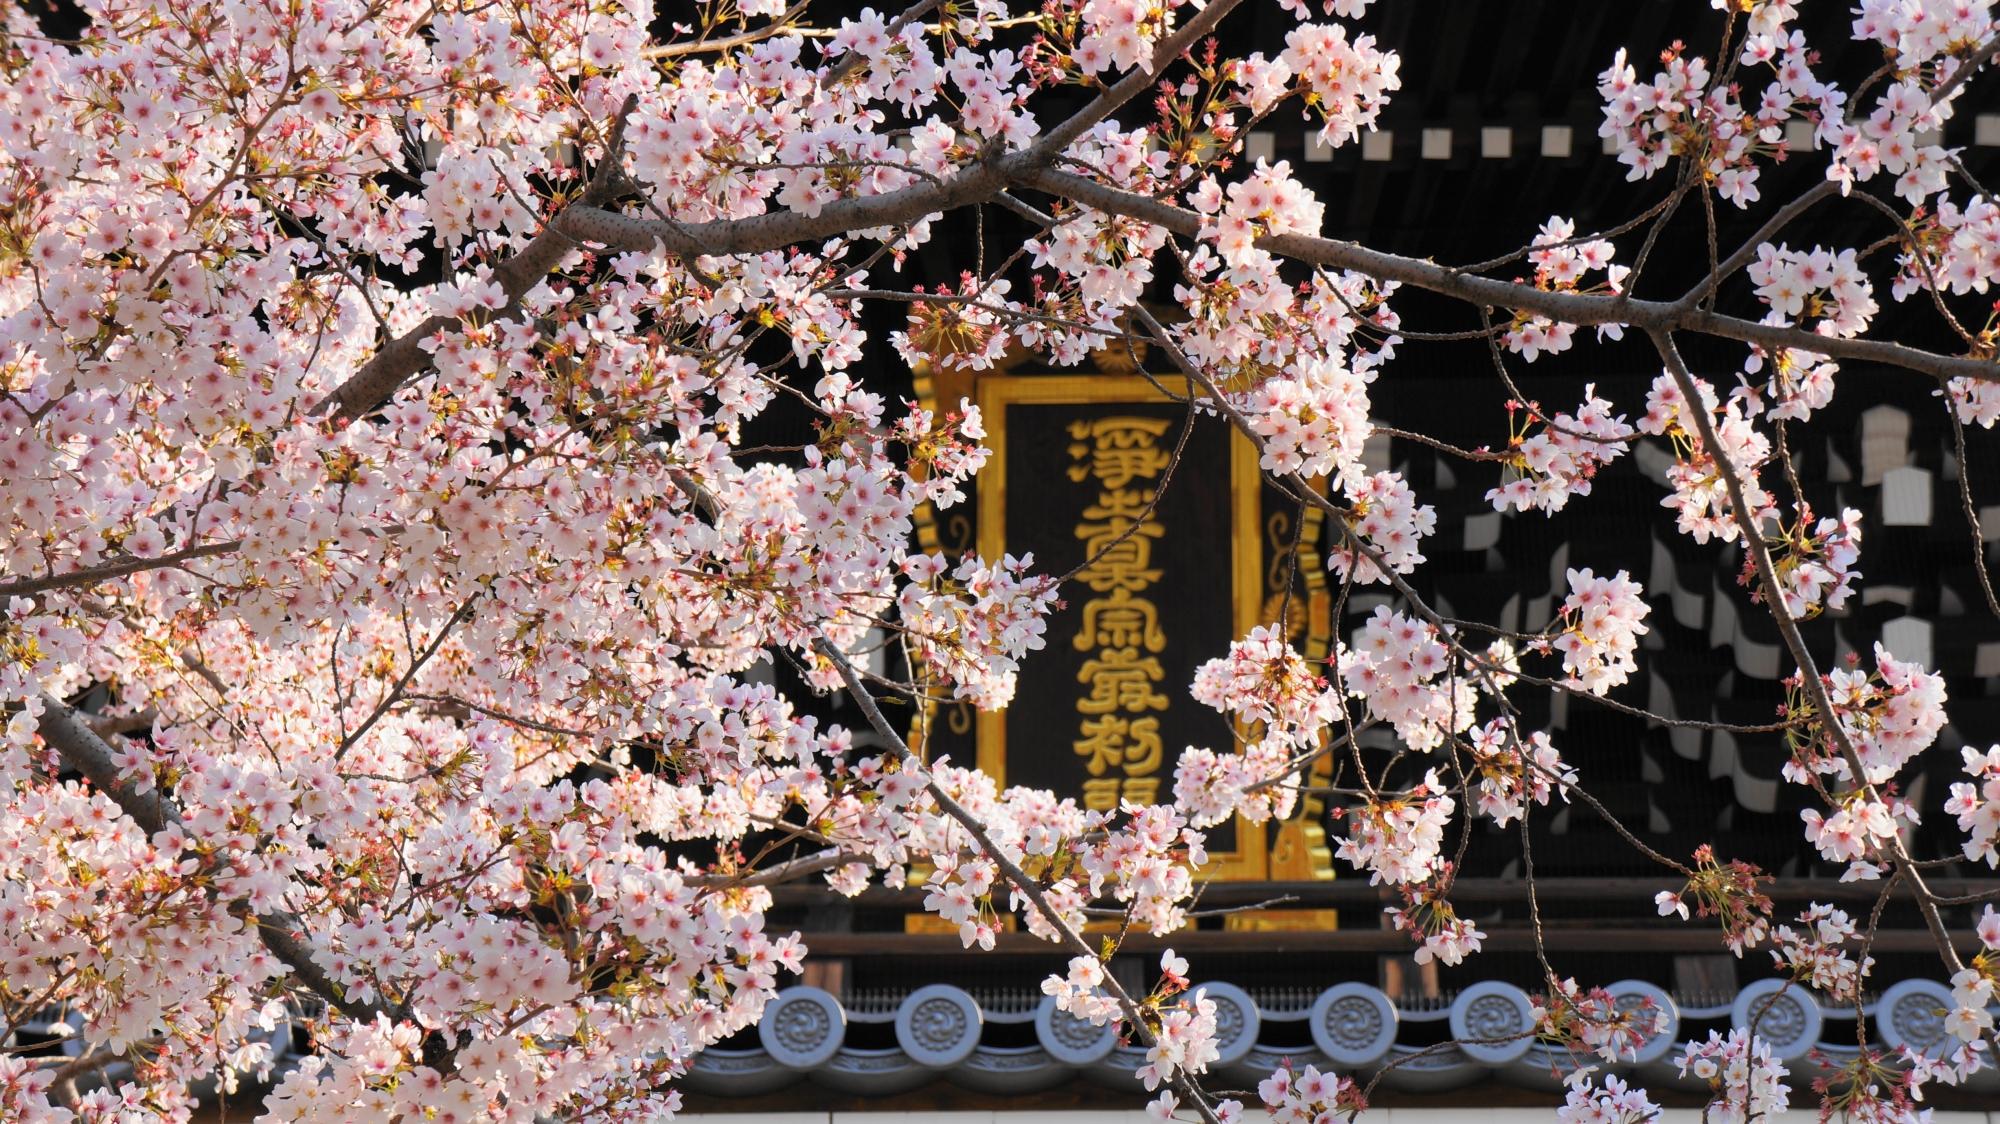 桜につつまれた山門の扁額